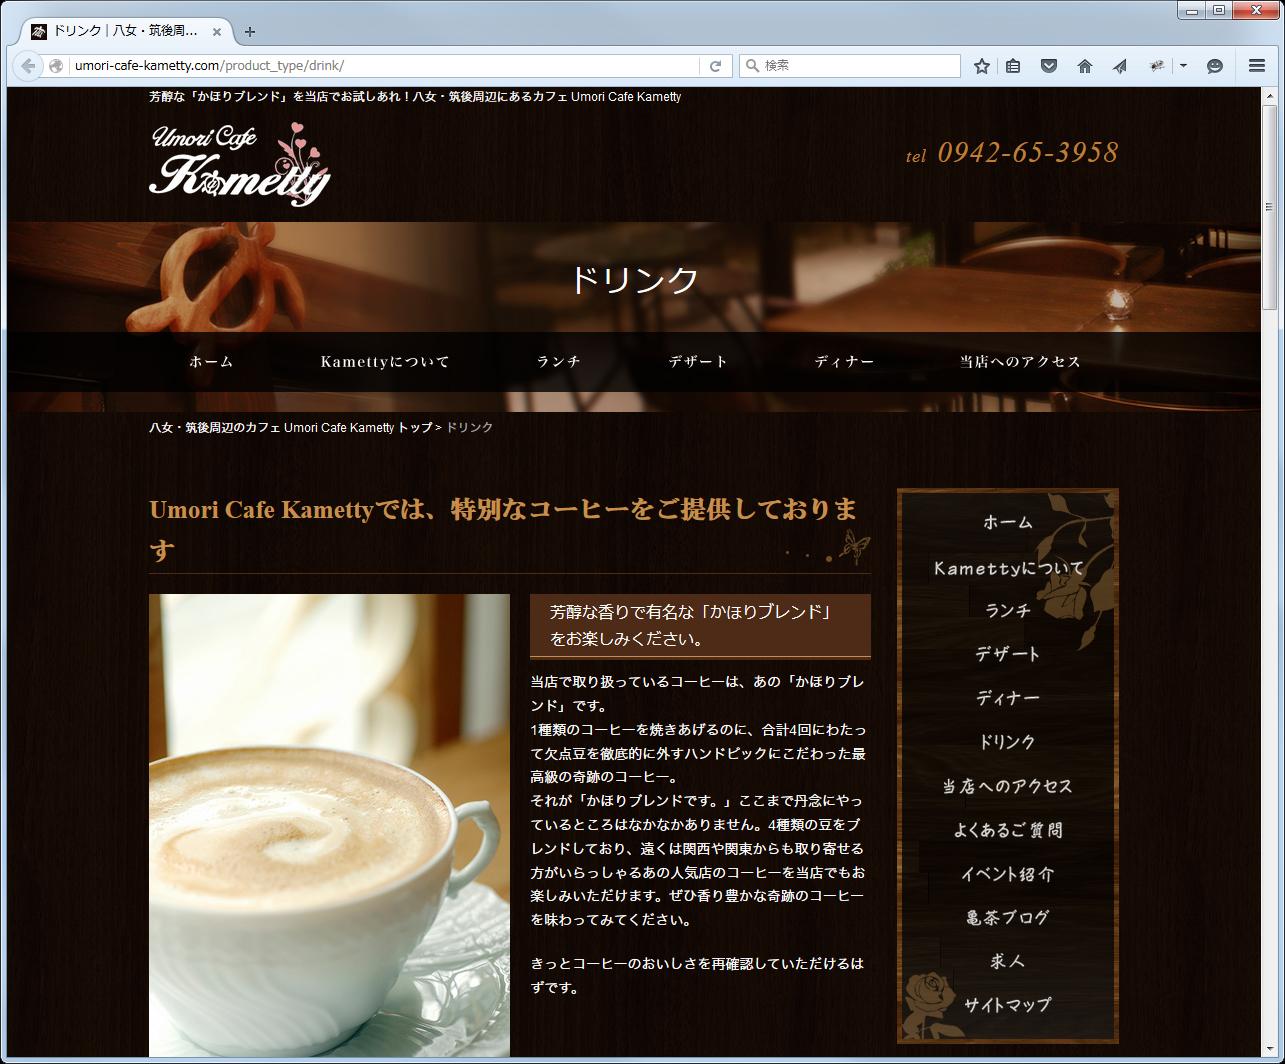 八女・筑後周辺のカフェ Umori Cafe Kametty